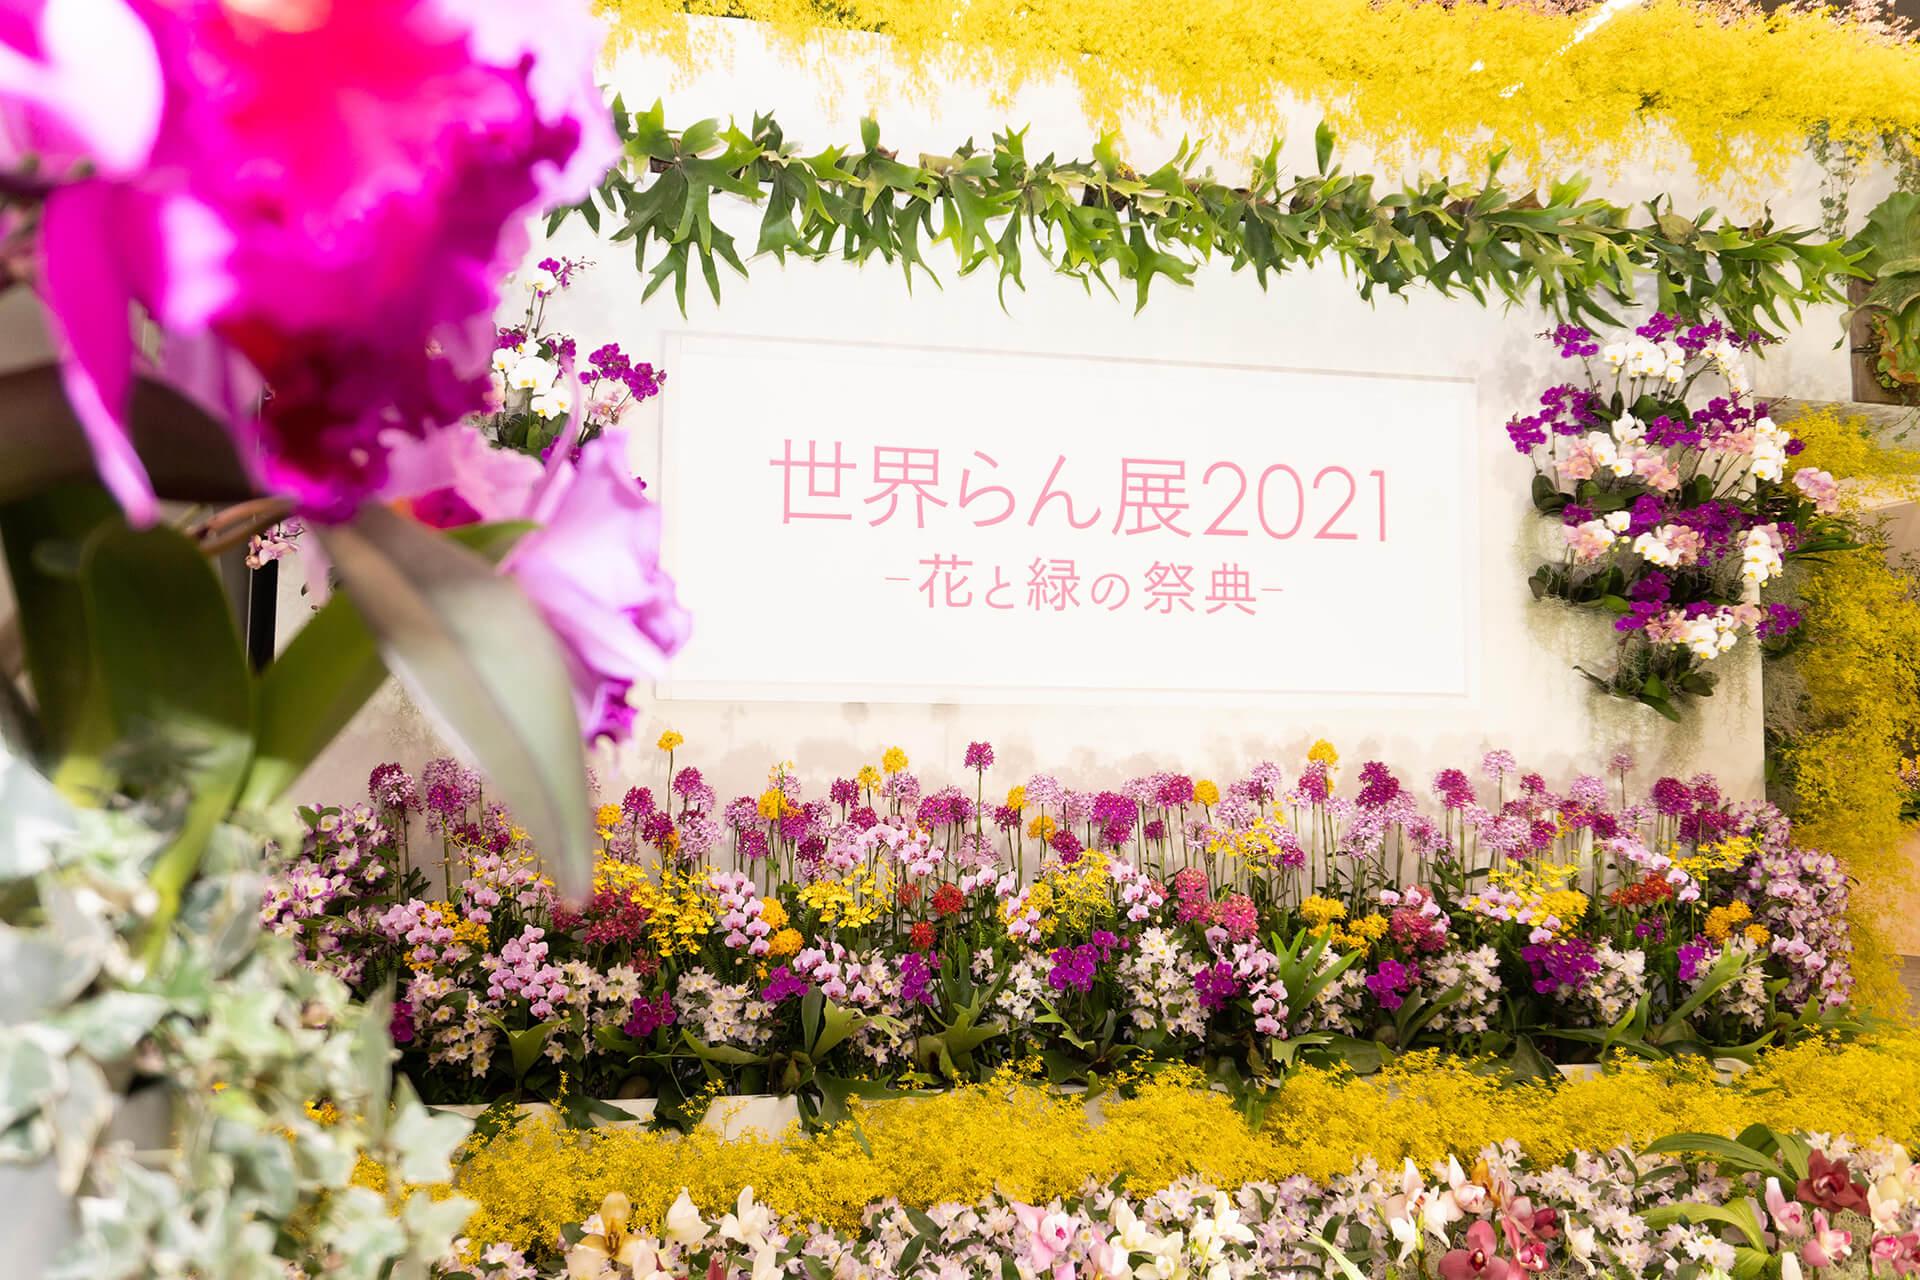 世界らん展2021